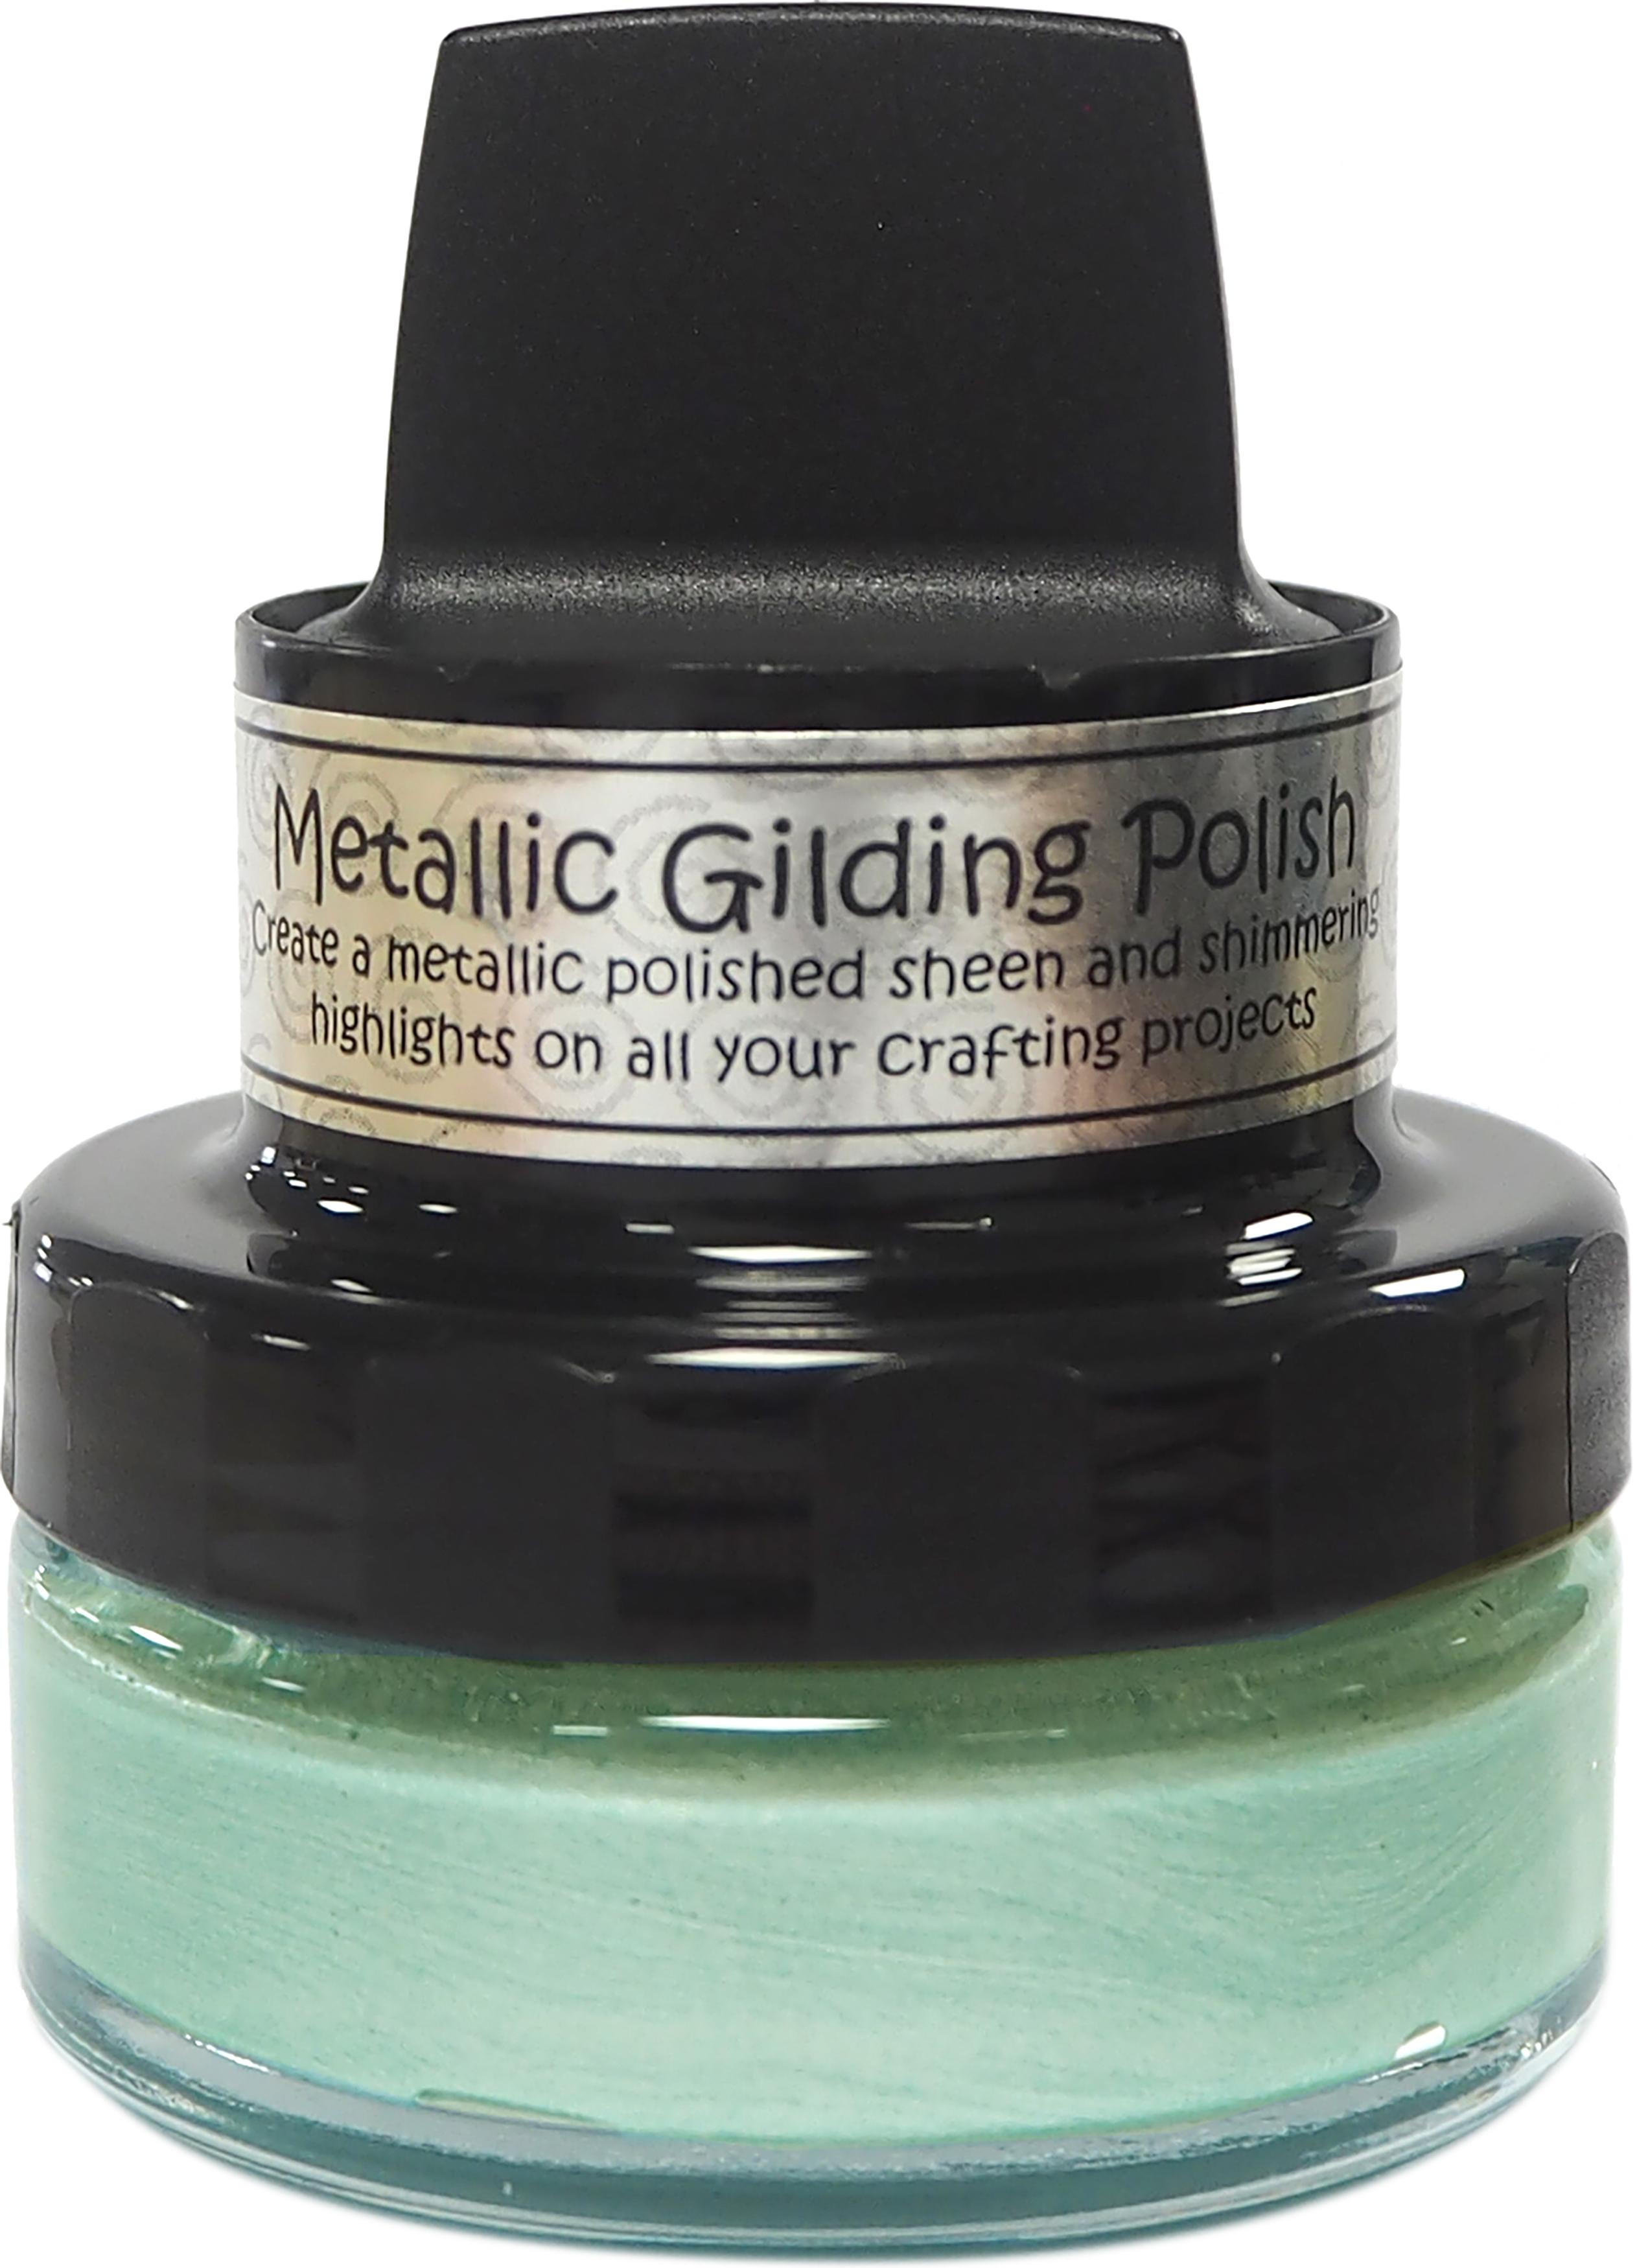 Cosmic Shimmer Metallic Gilding Polish Mint